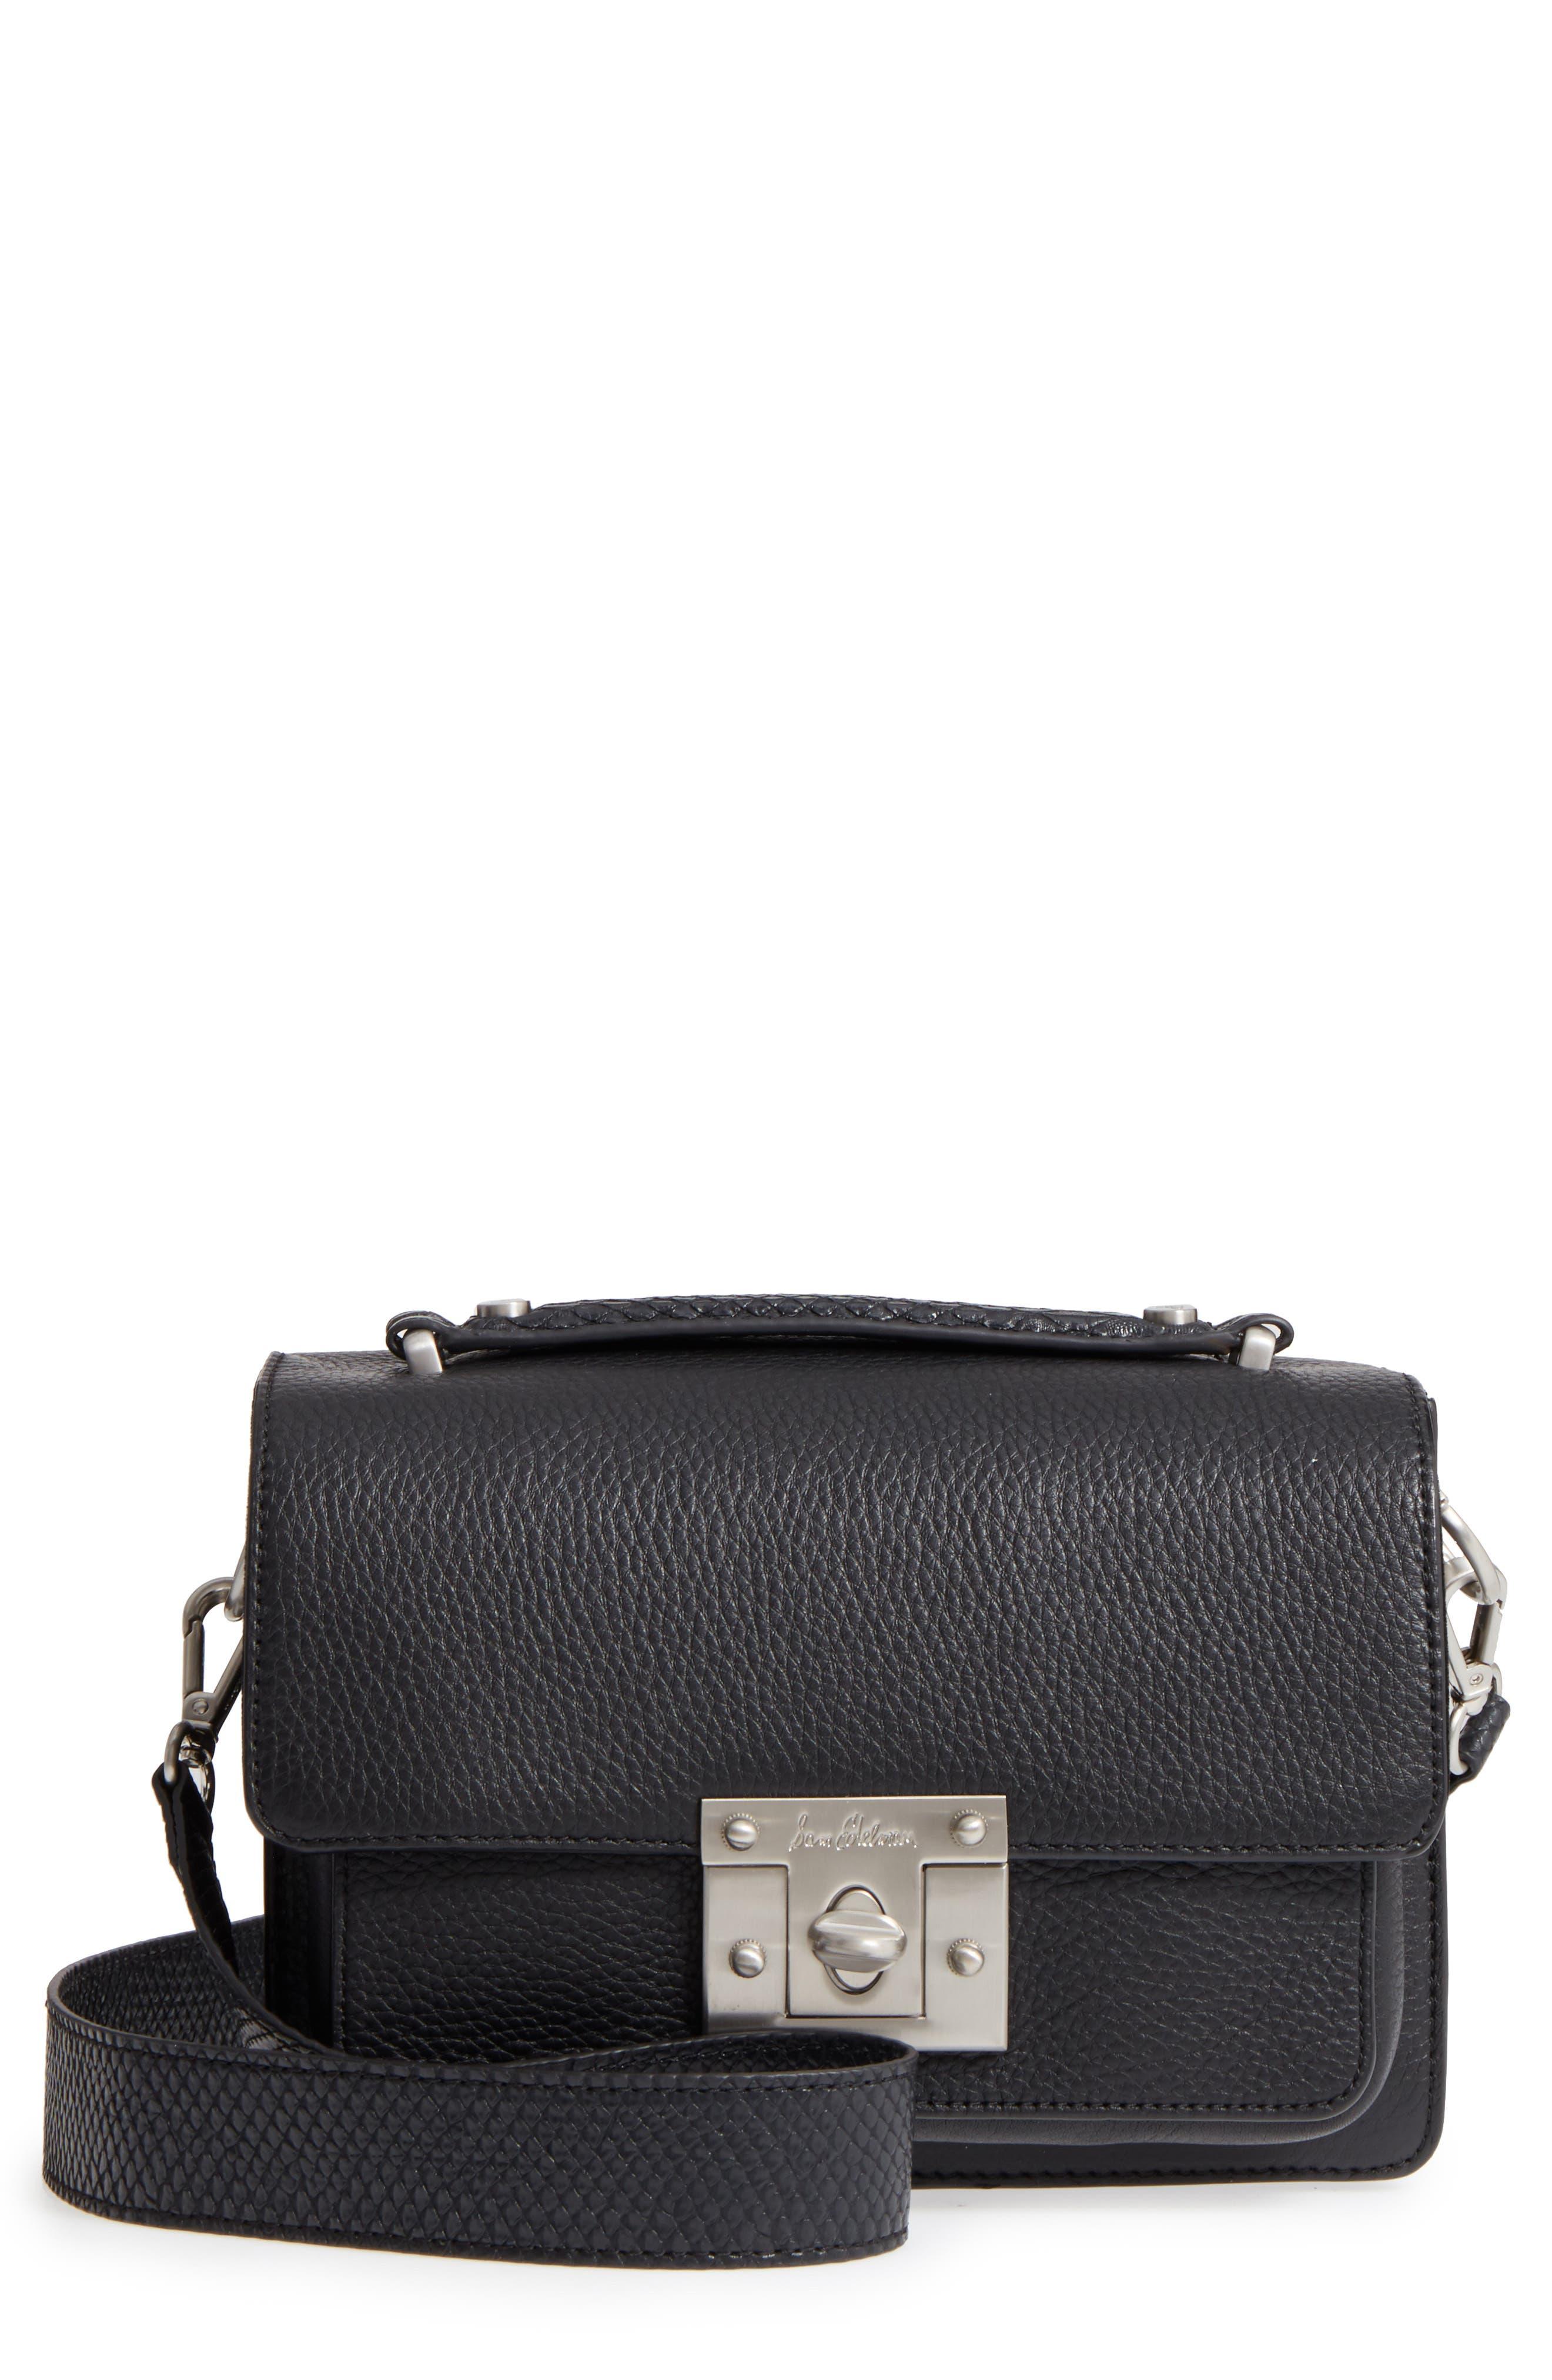 Alternate Image 1 Selected - Sam Edelman Gessica Leather Shoulder Bag